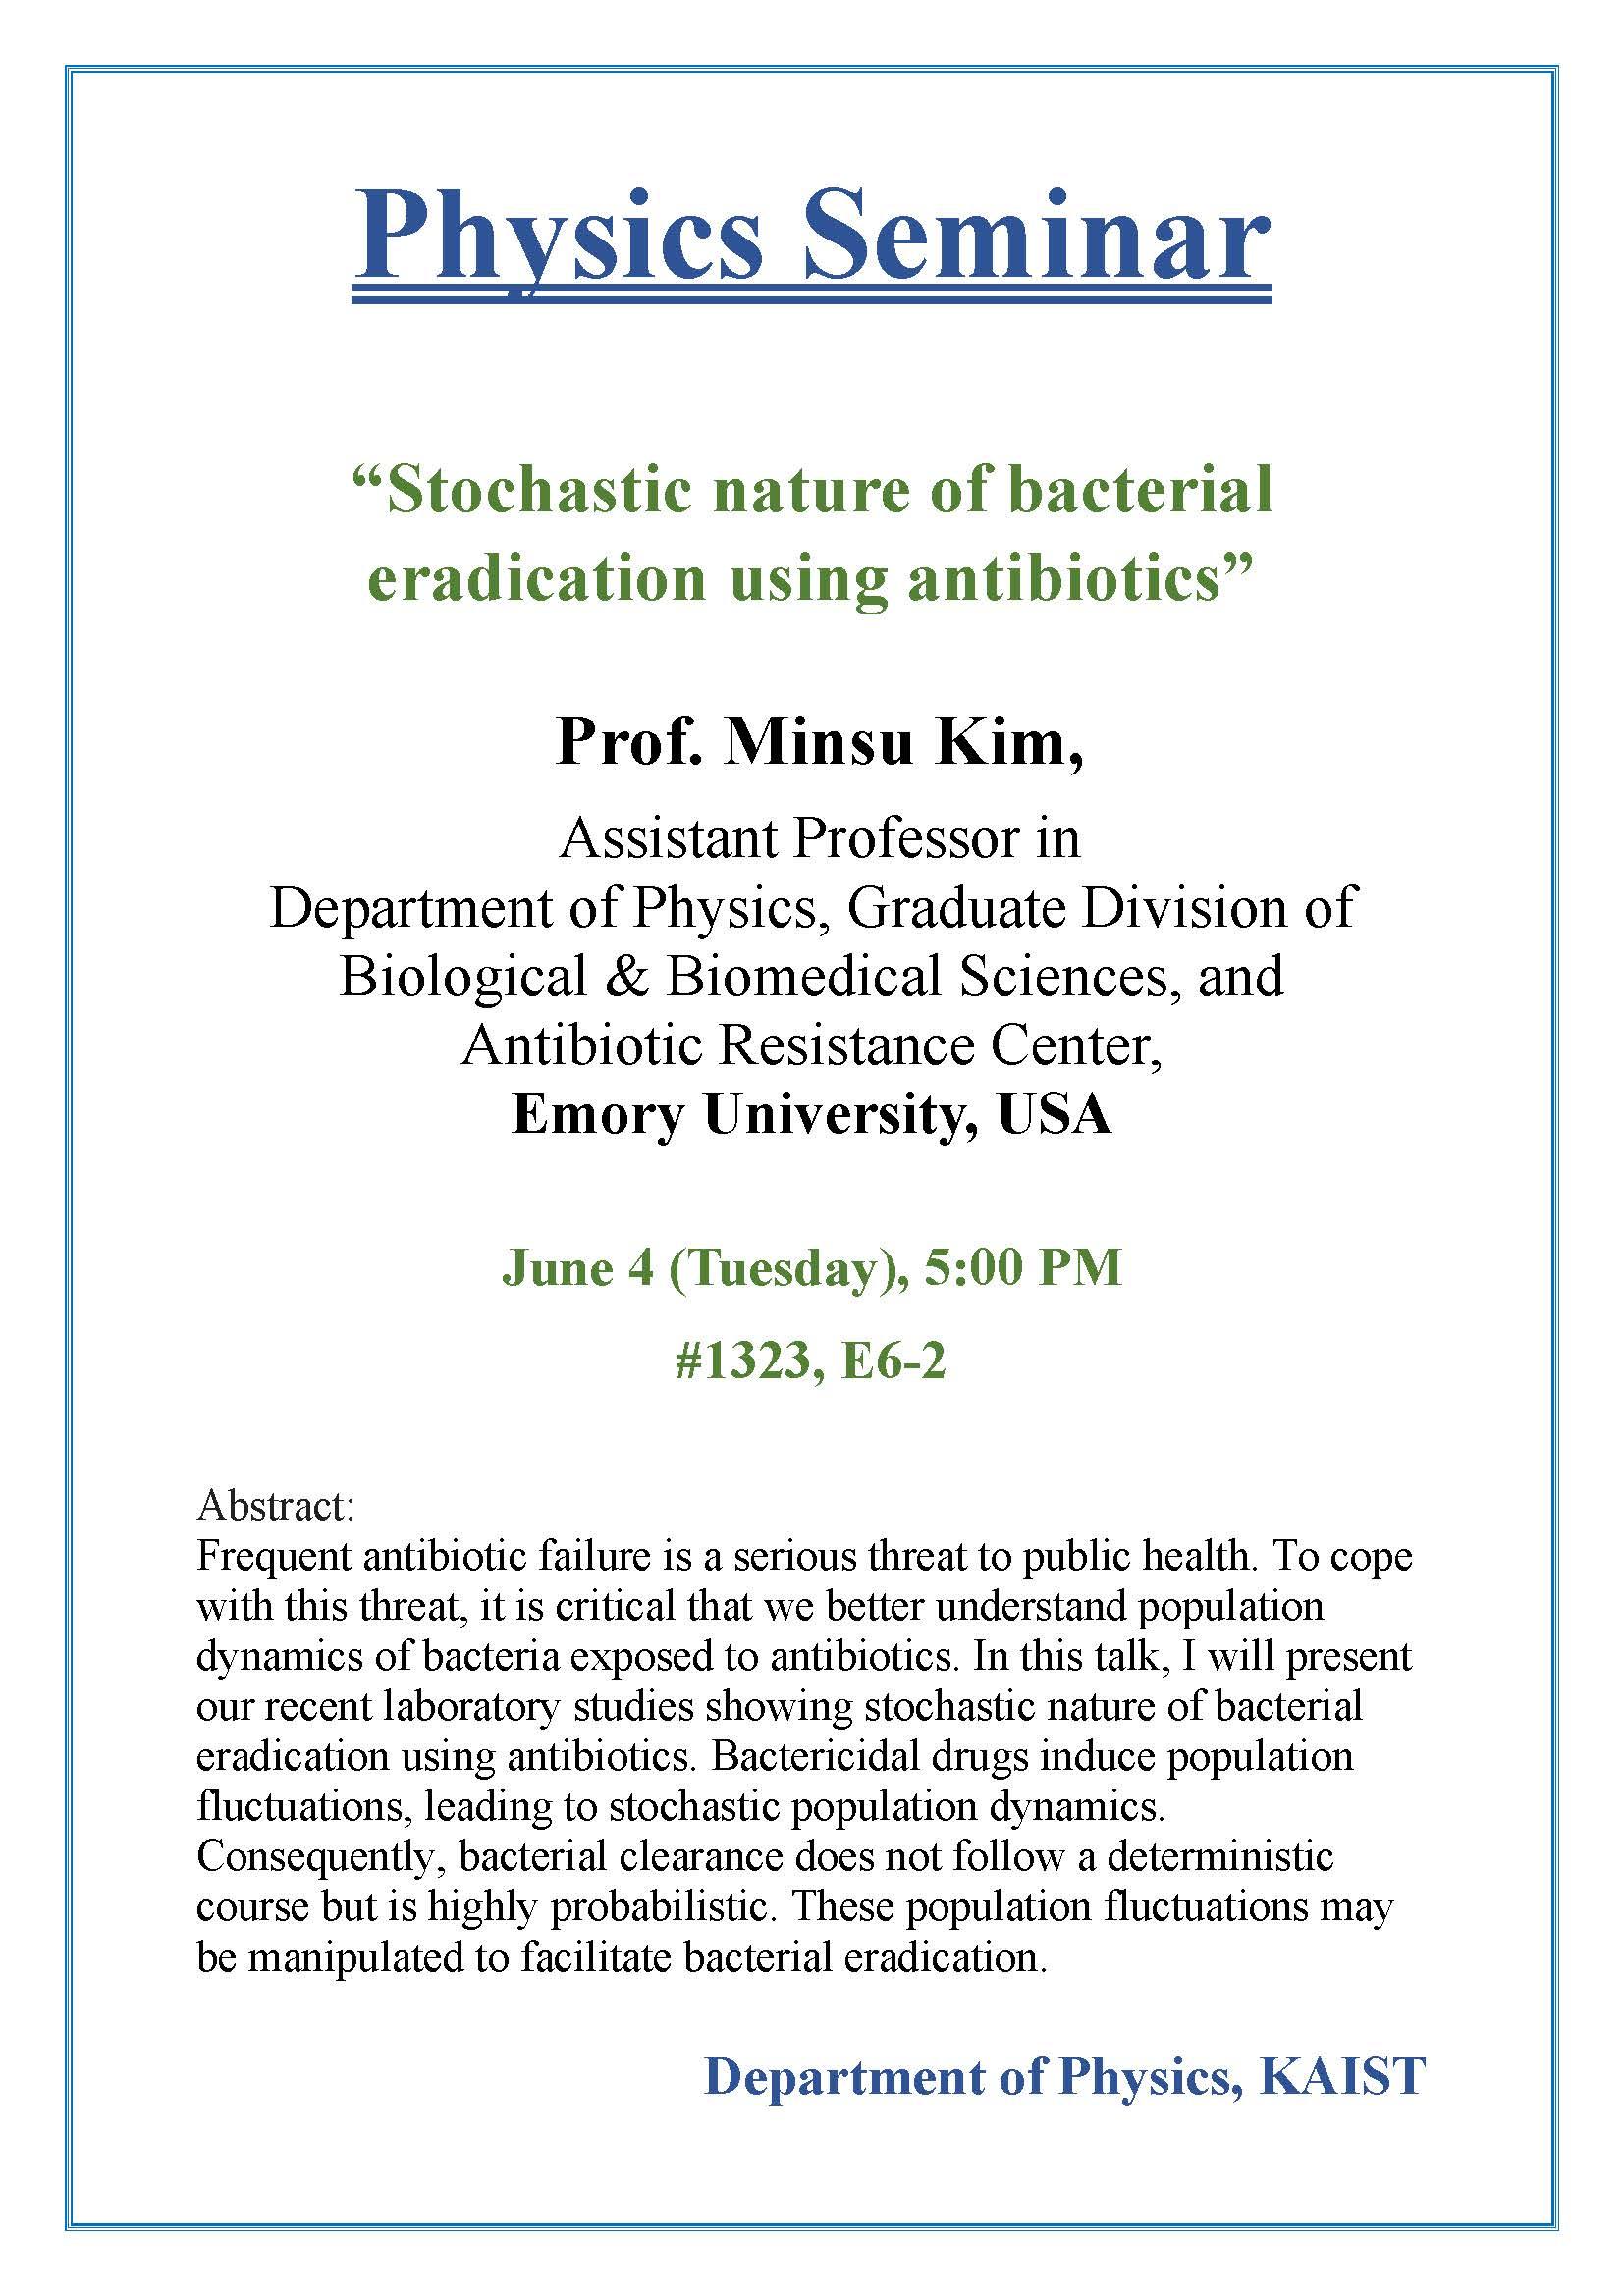 20190604 Prof. Minsu Kim.jpg